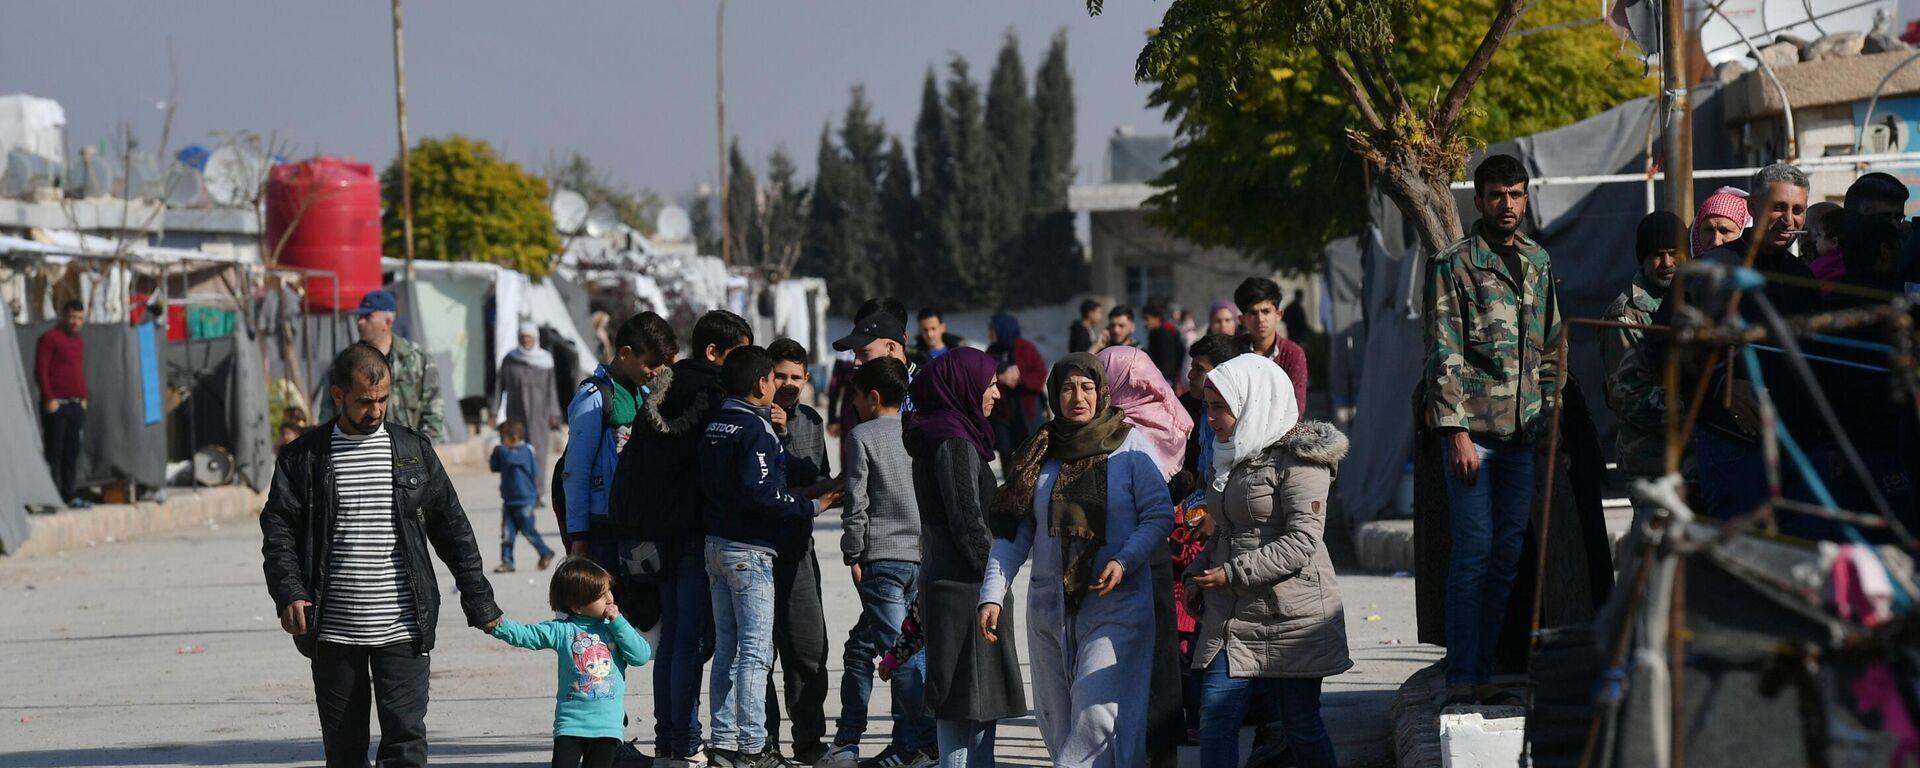 Flüchtlingslager unweit von Damaskus, 2019 - SNA, 1920, 10.03.2021